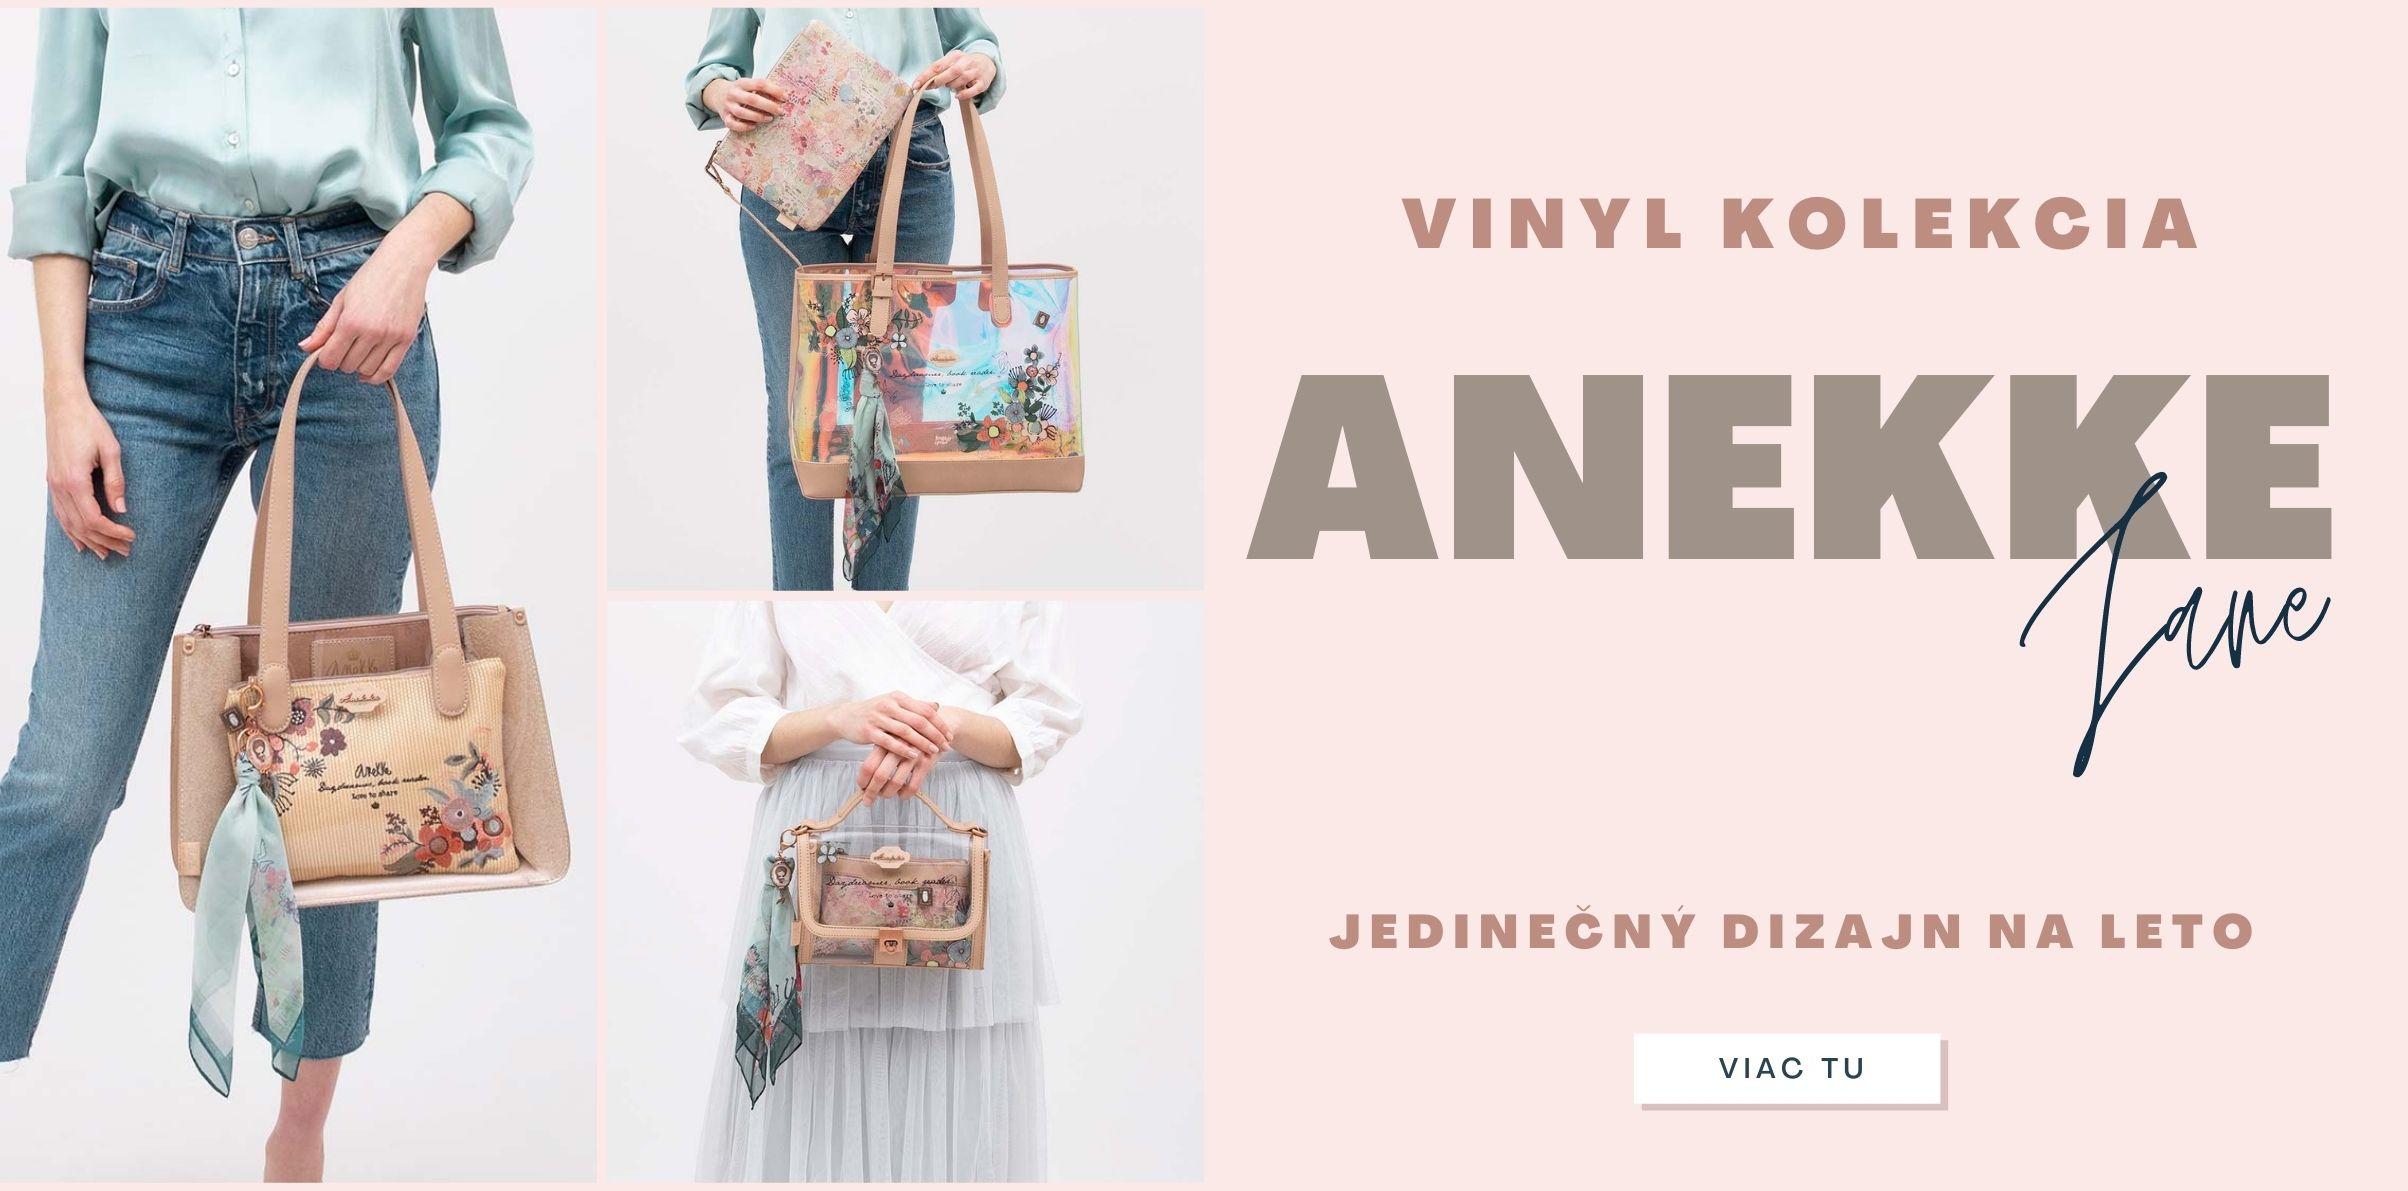 Anekke Jane Vinyl